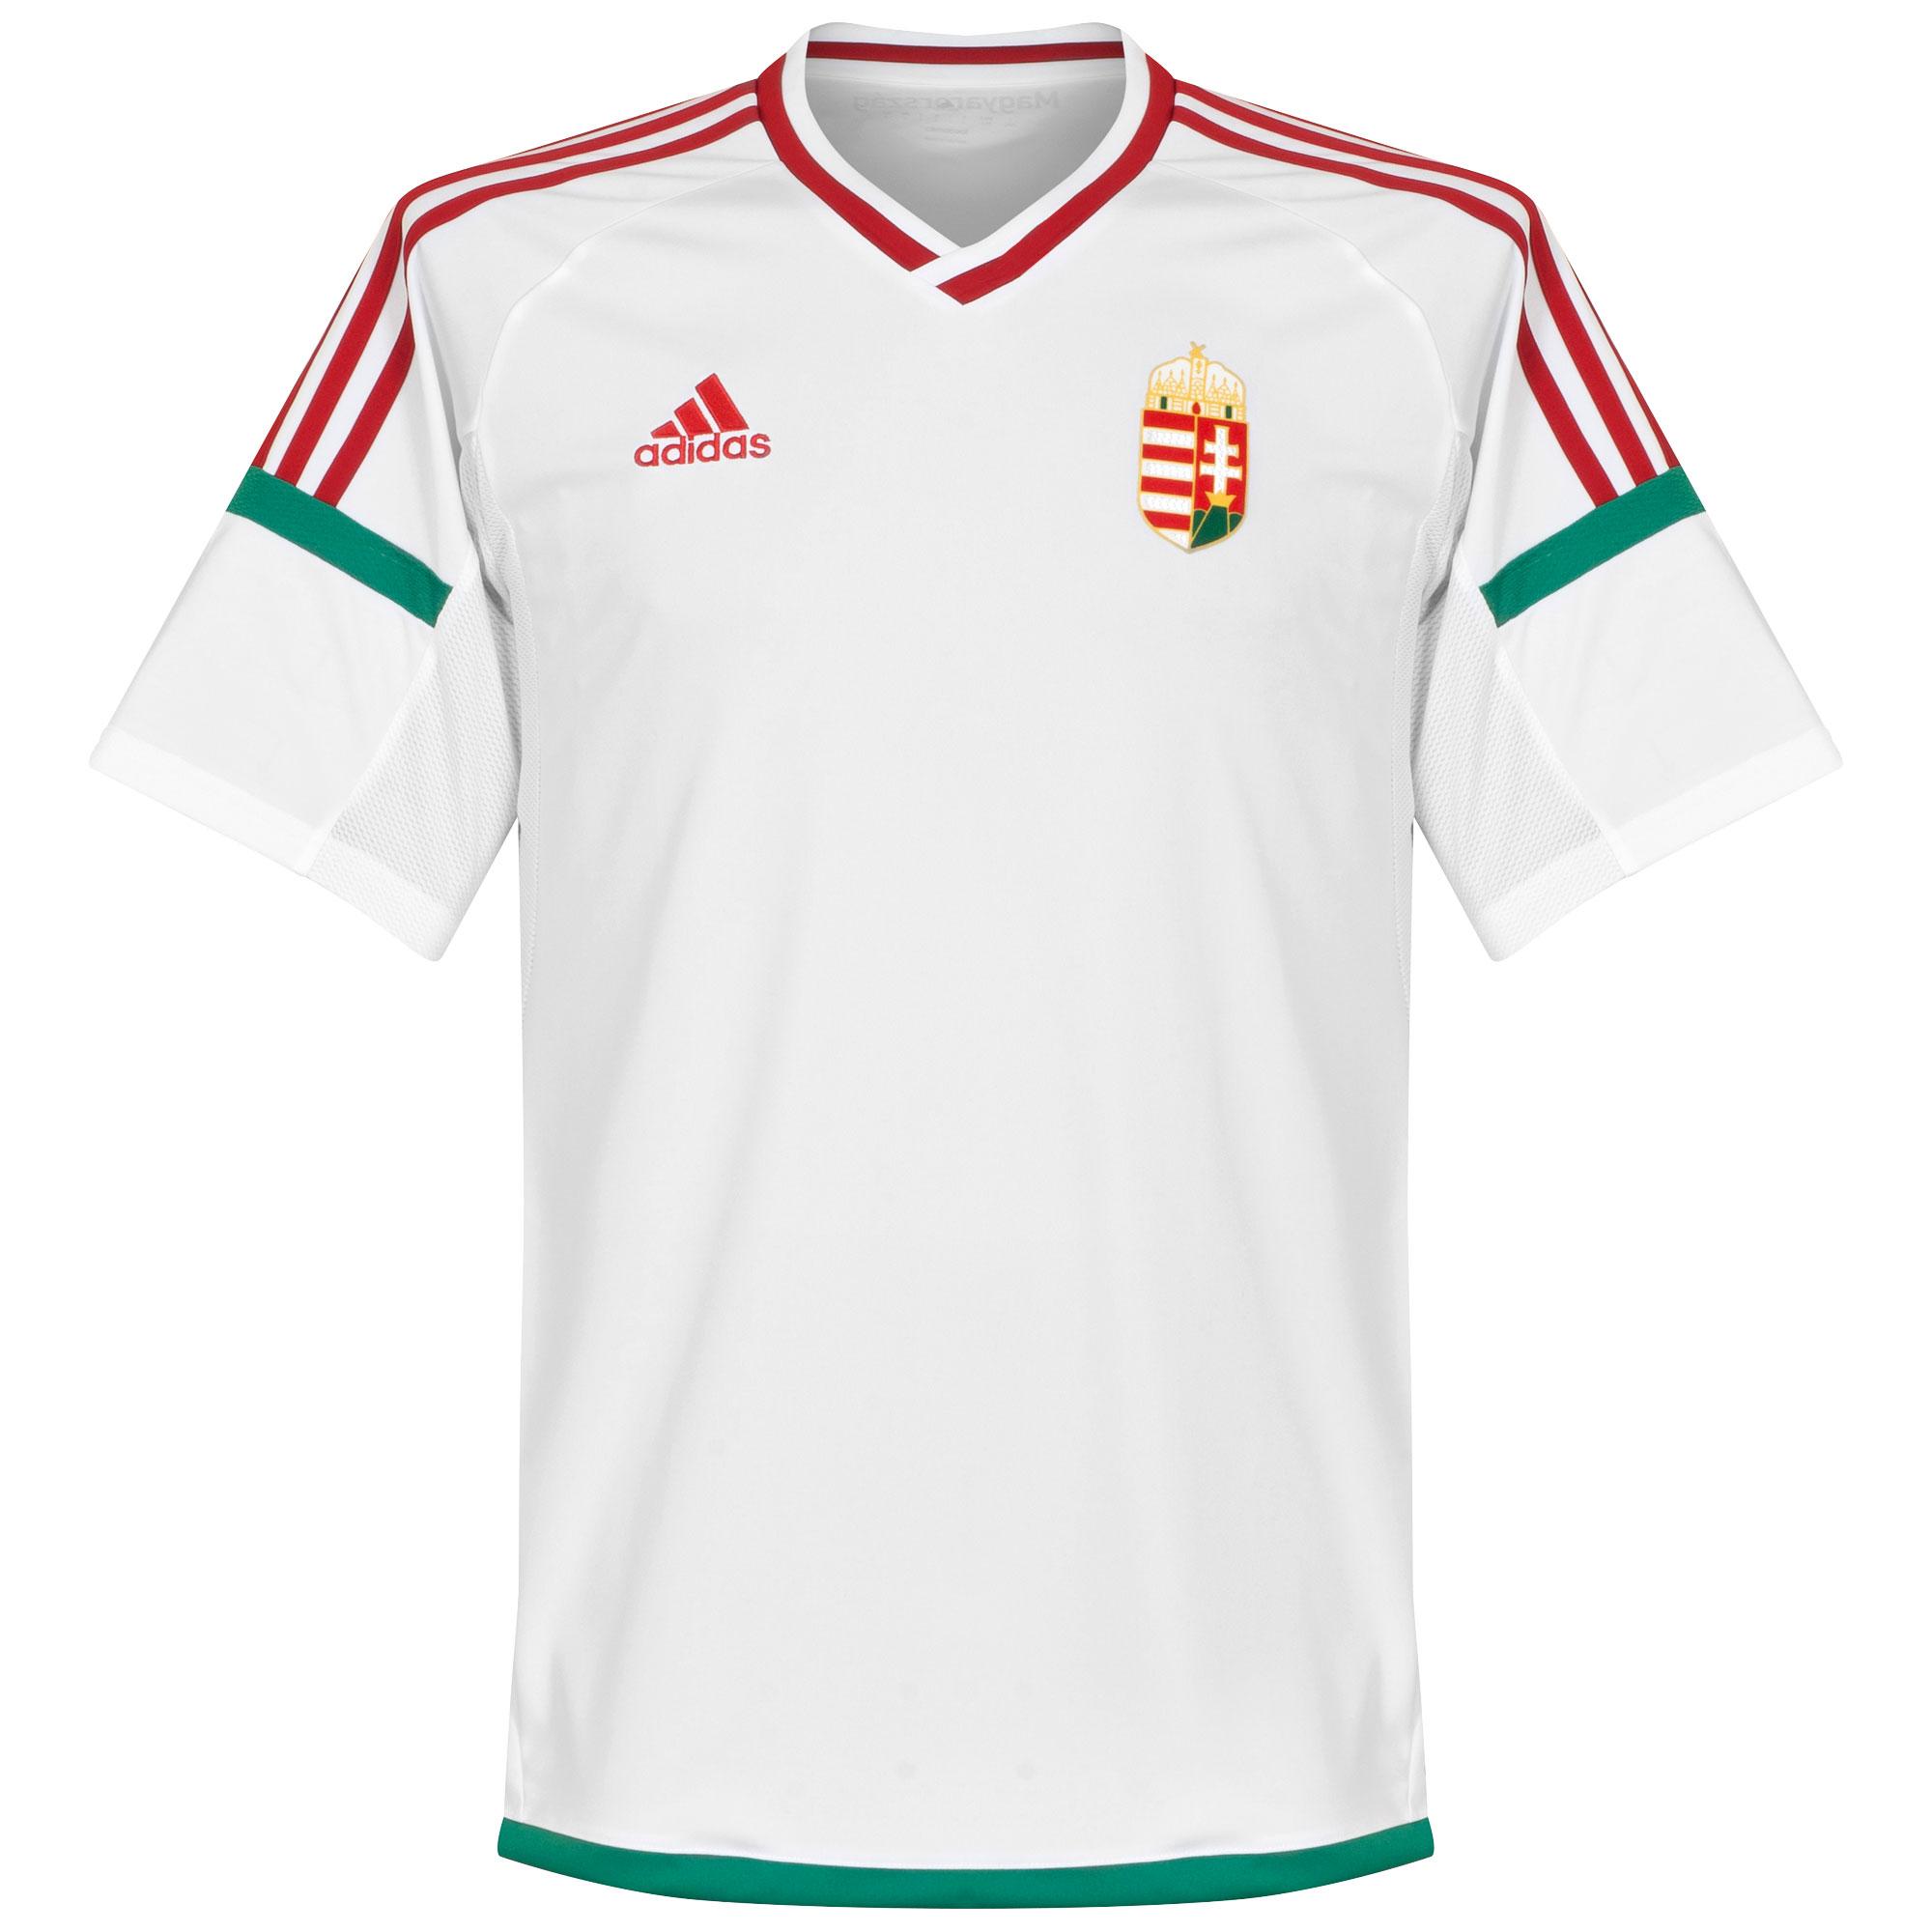 Hungary Away Jersey 2016 / 2017 - 54